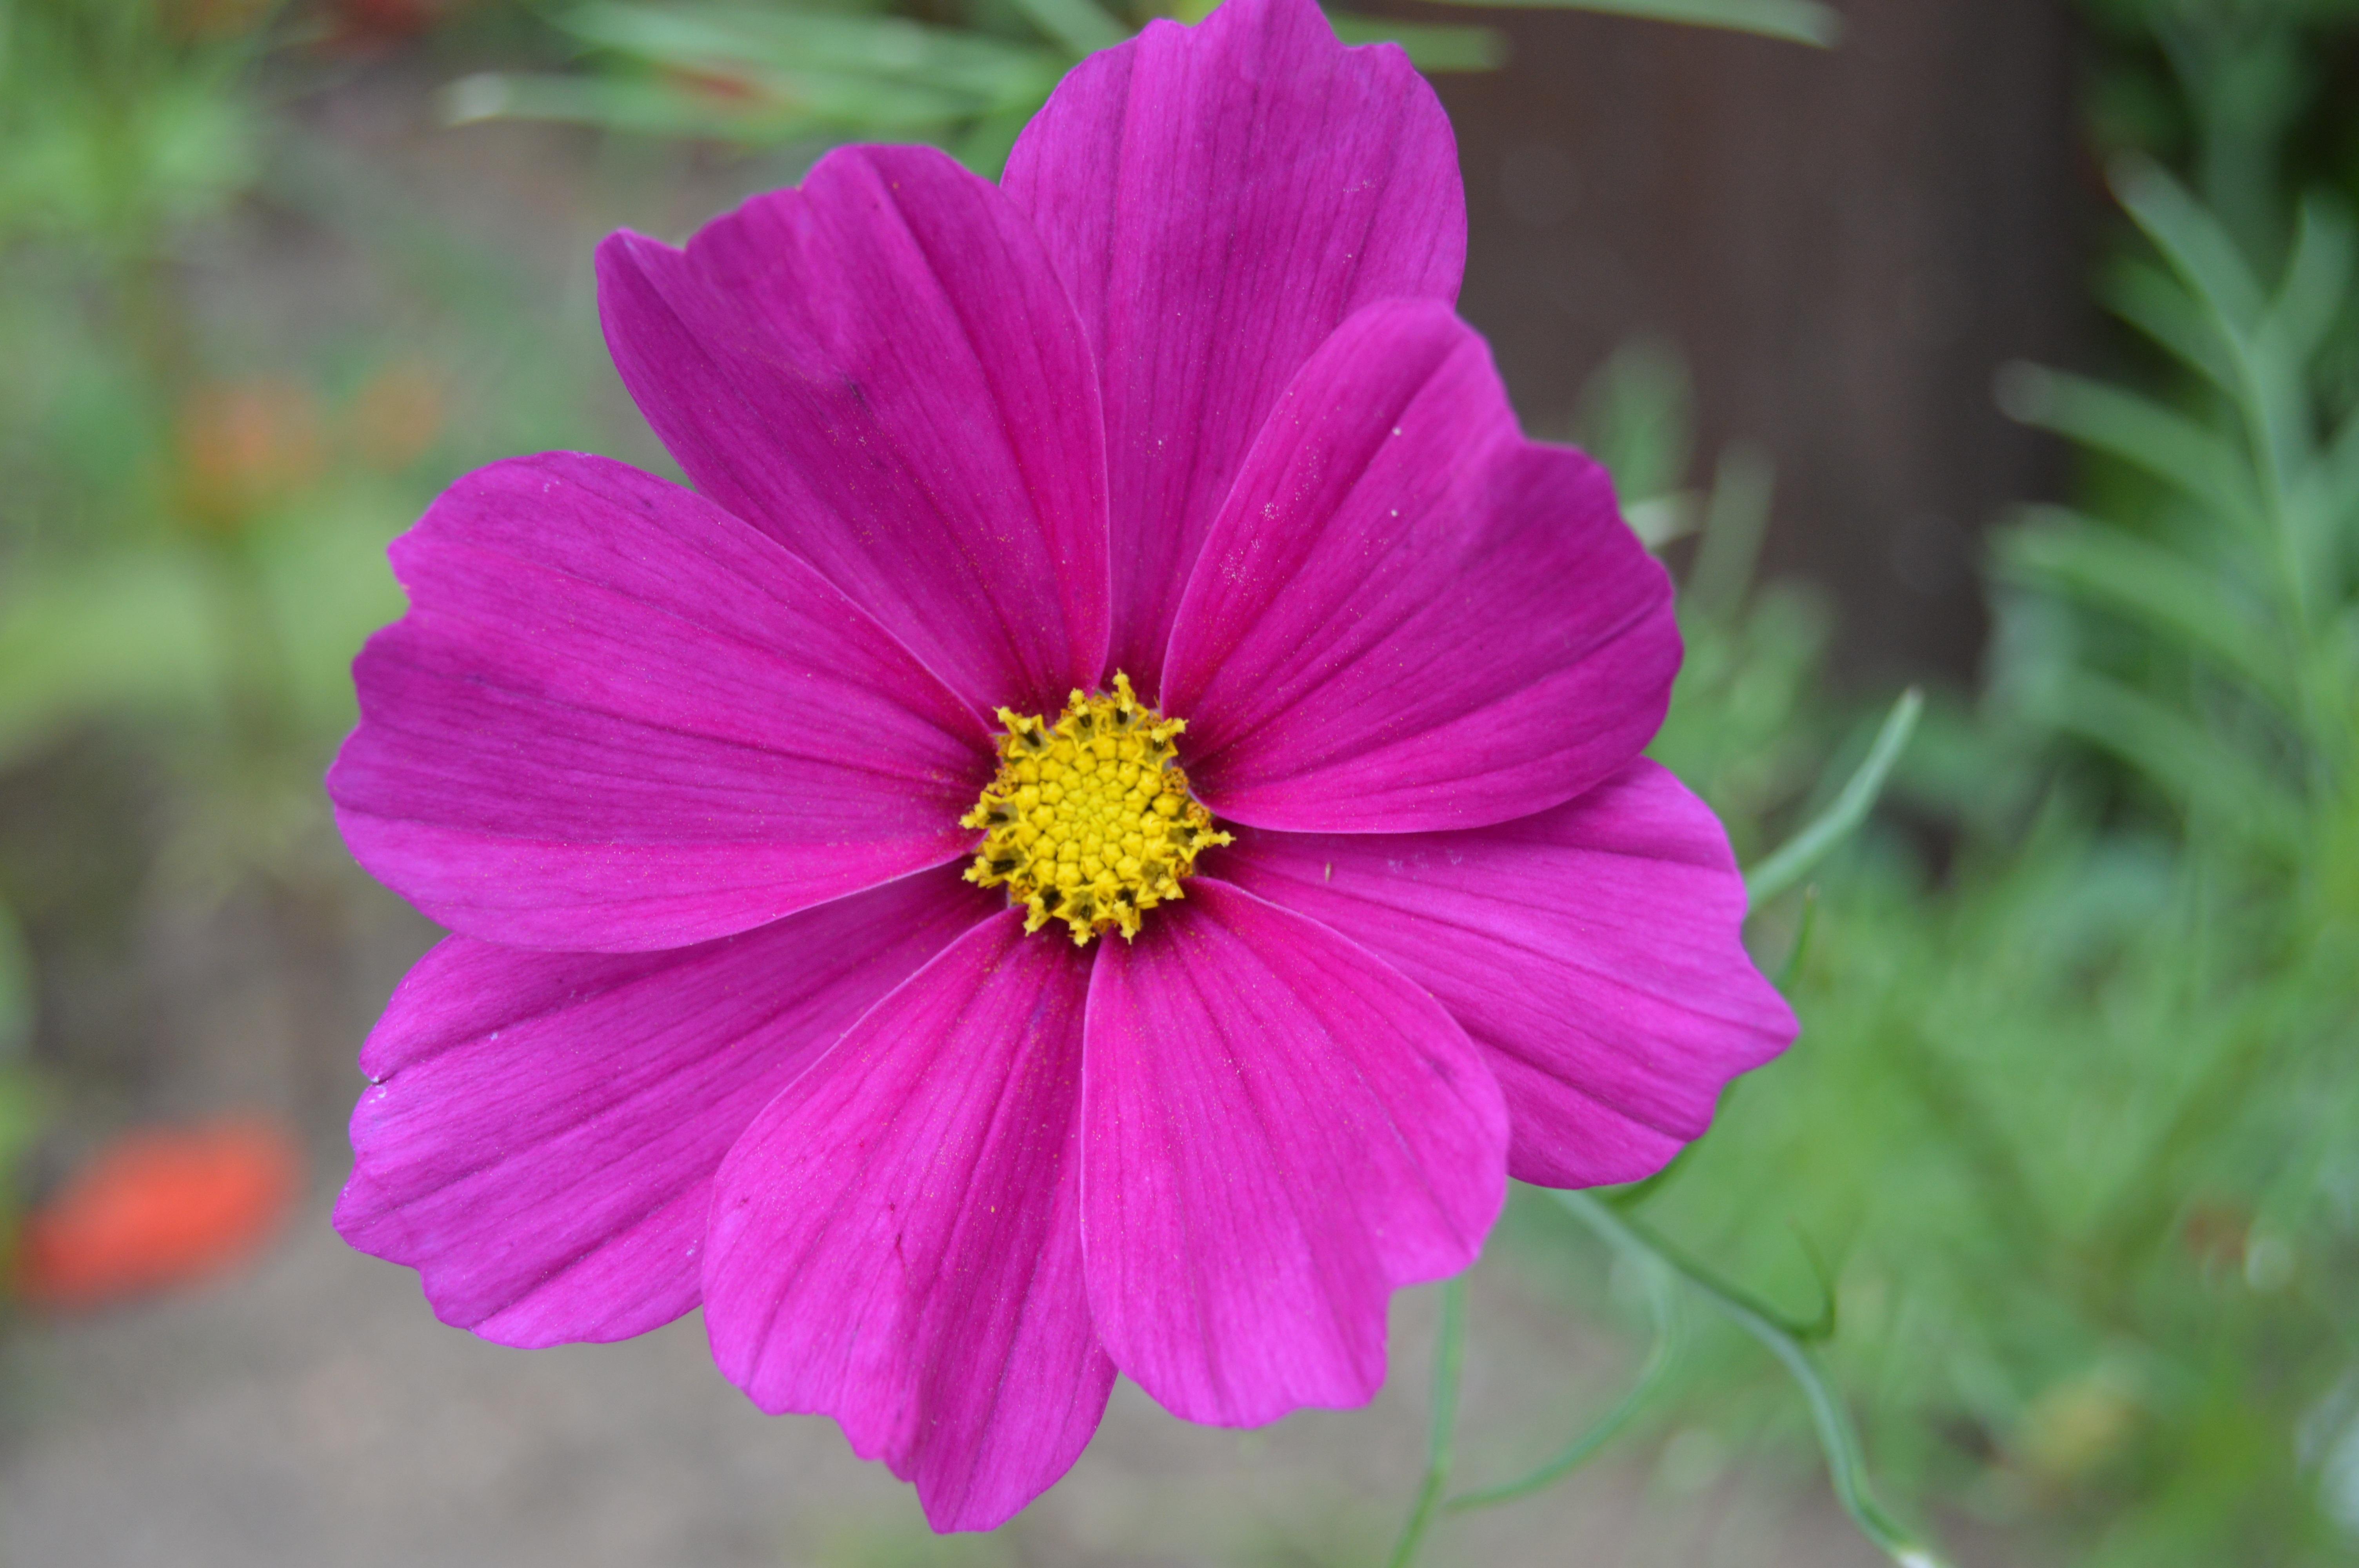 Fotoğraf Doğa Evren Taçyaprağı Bitki örtüsü Yabani çiçek